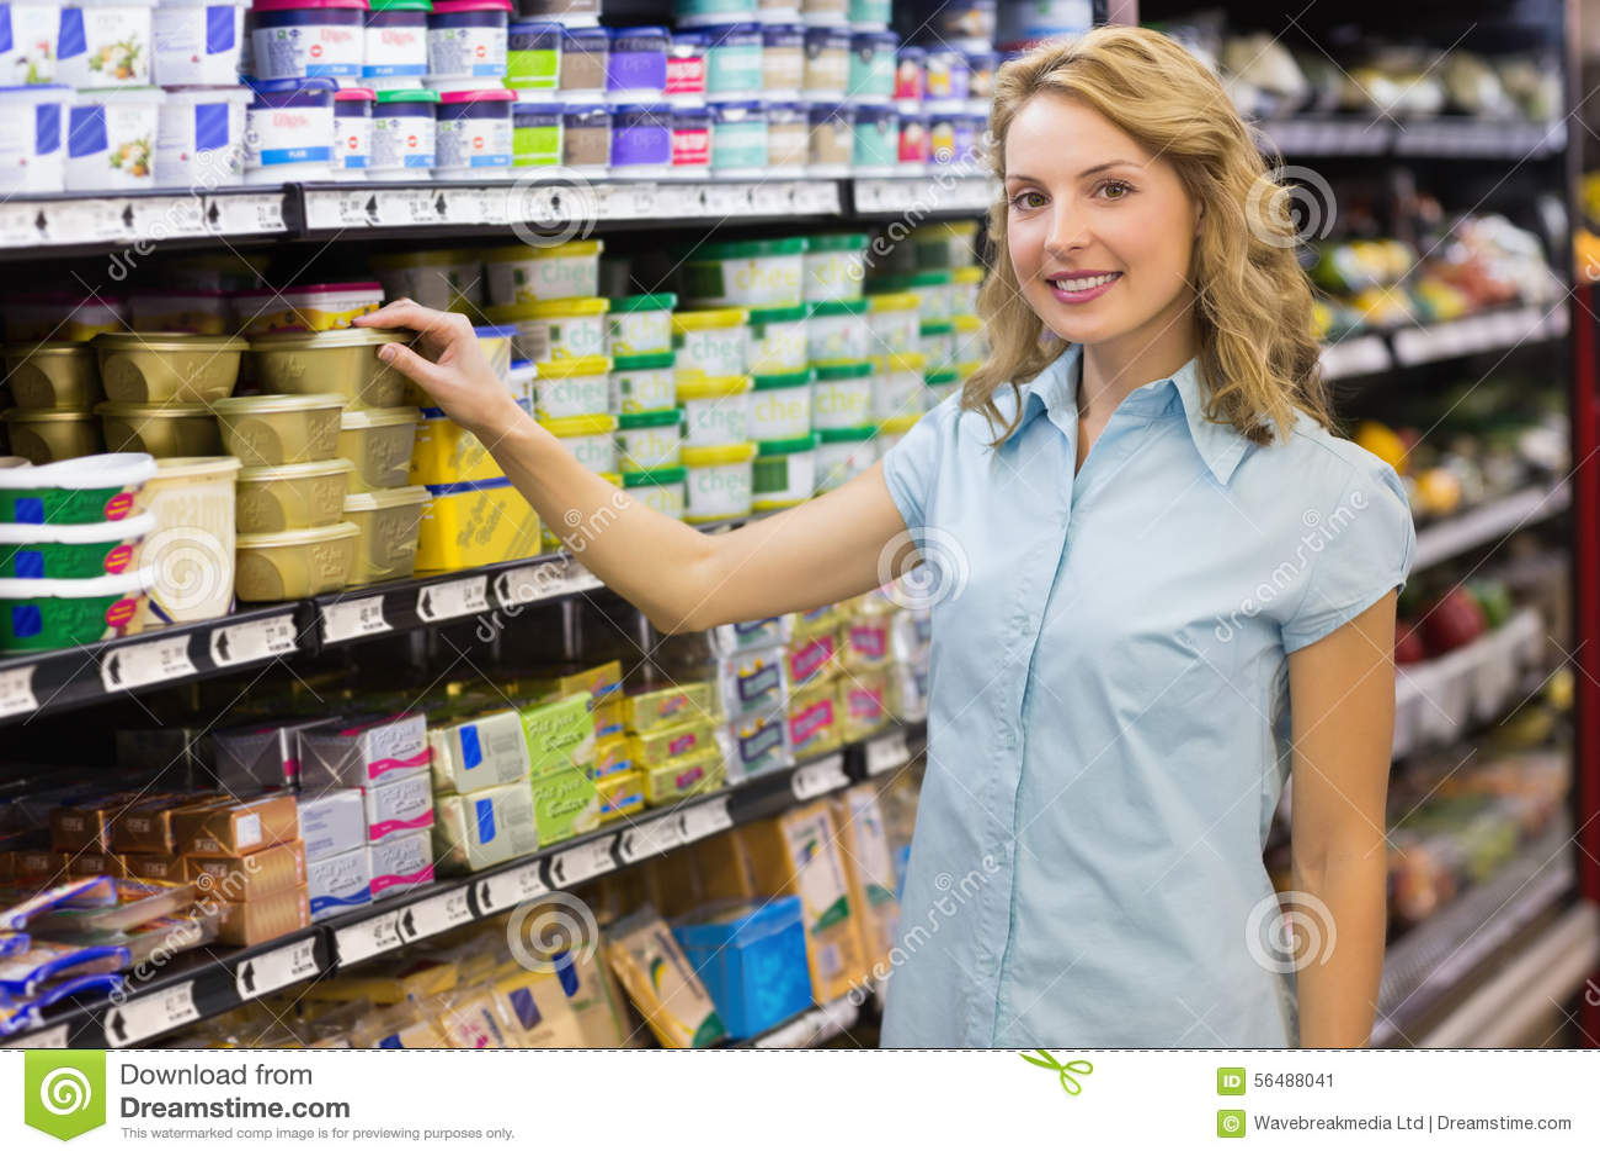 Portrait de la femme blonde de sourire prenant un produit dans les étagères